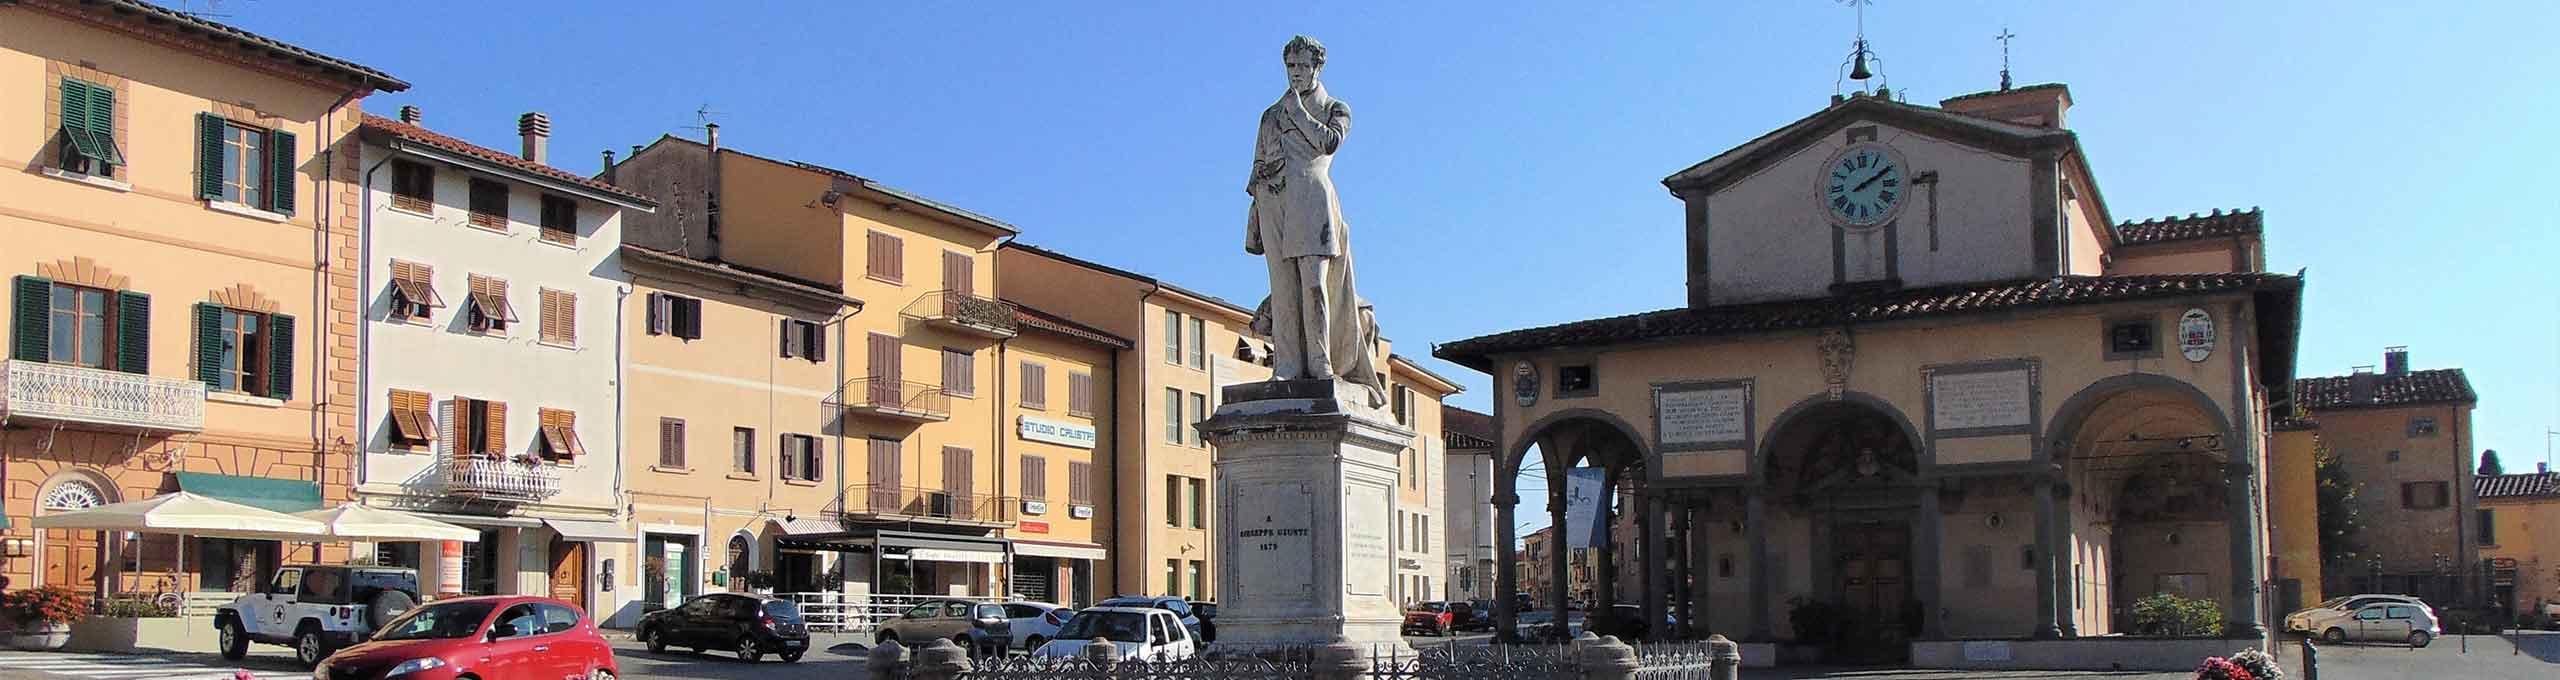 Piazza Giusti